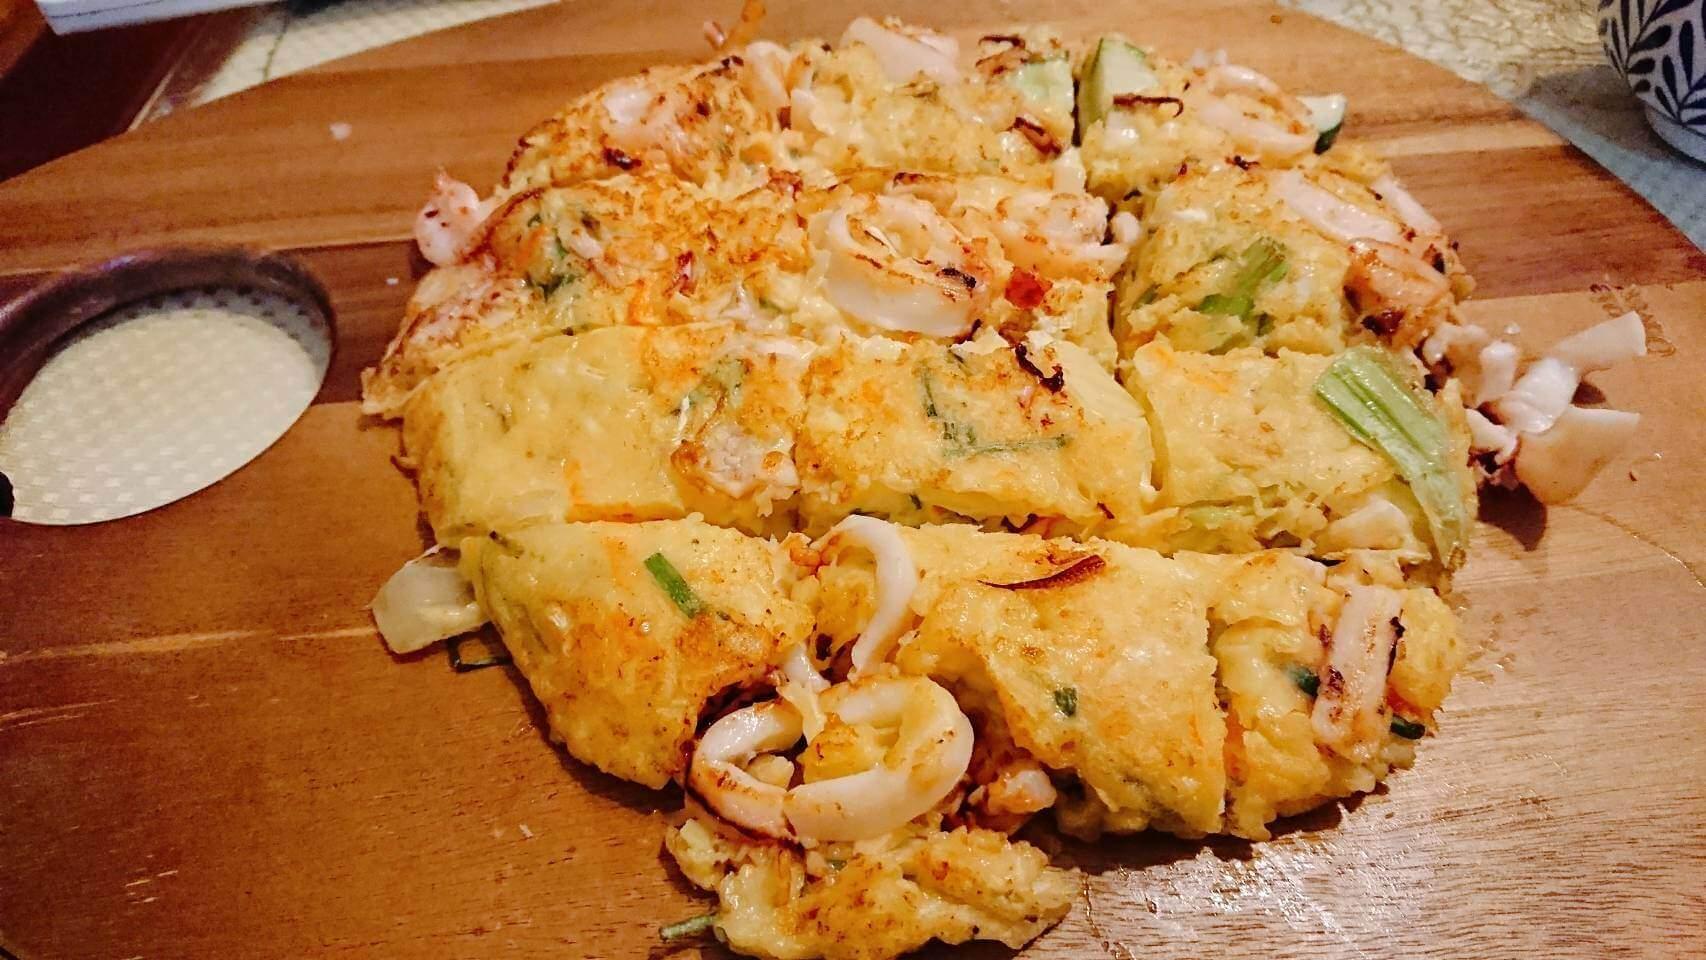 【食譜】非常簡單的韓式海鮮煎餅